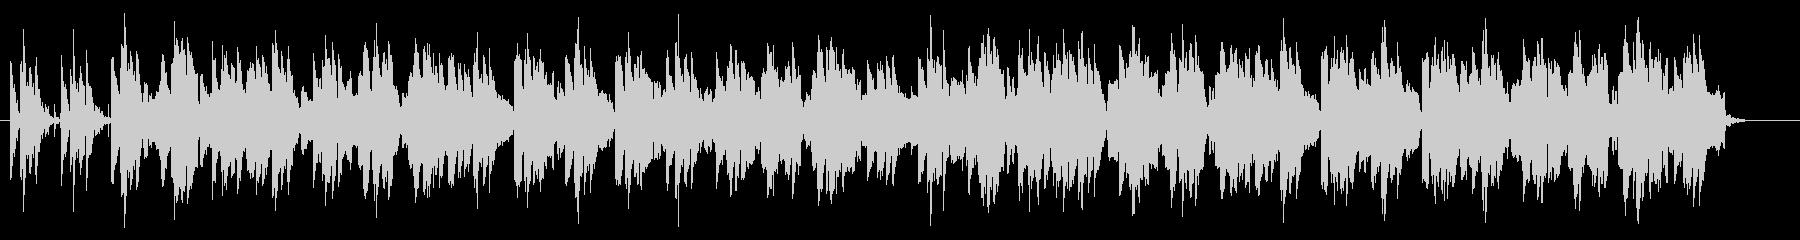 笛と太鼓のお囃子的な楽曲の未再生の波形